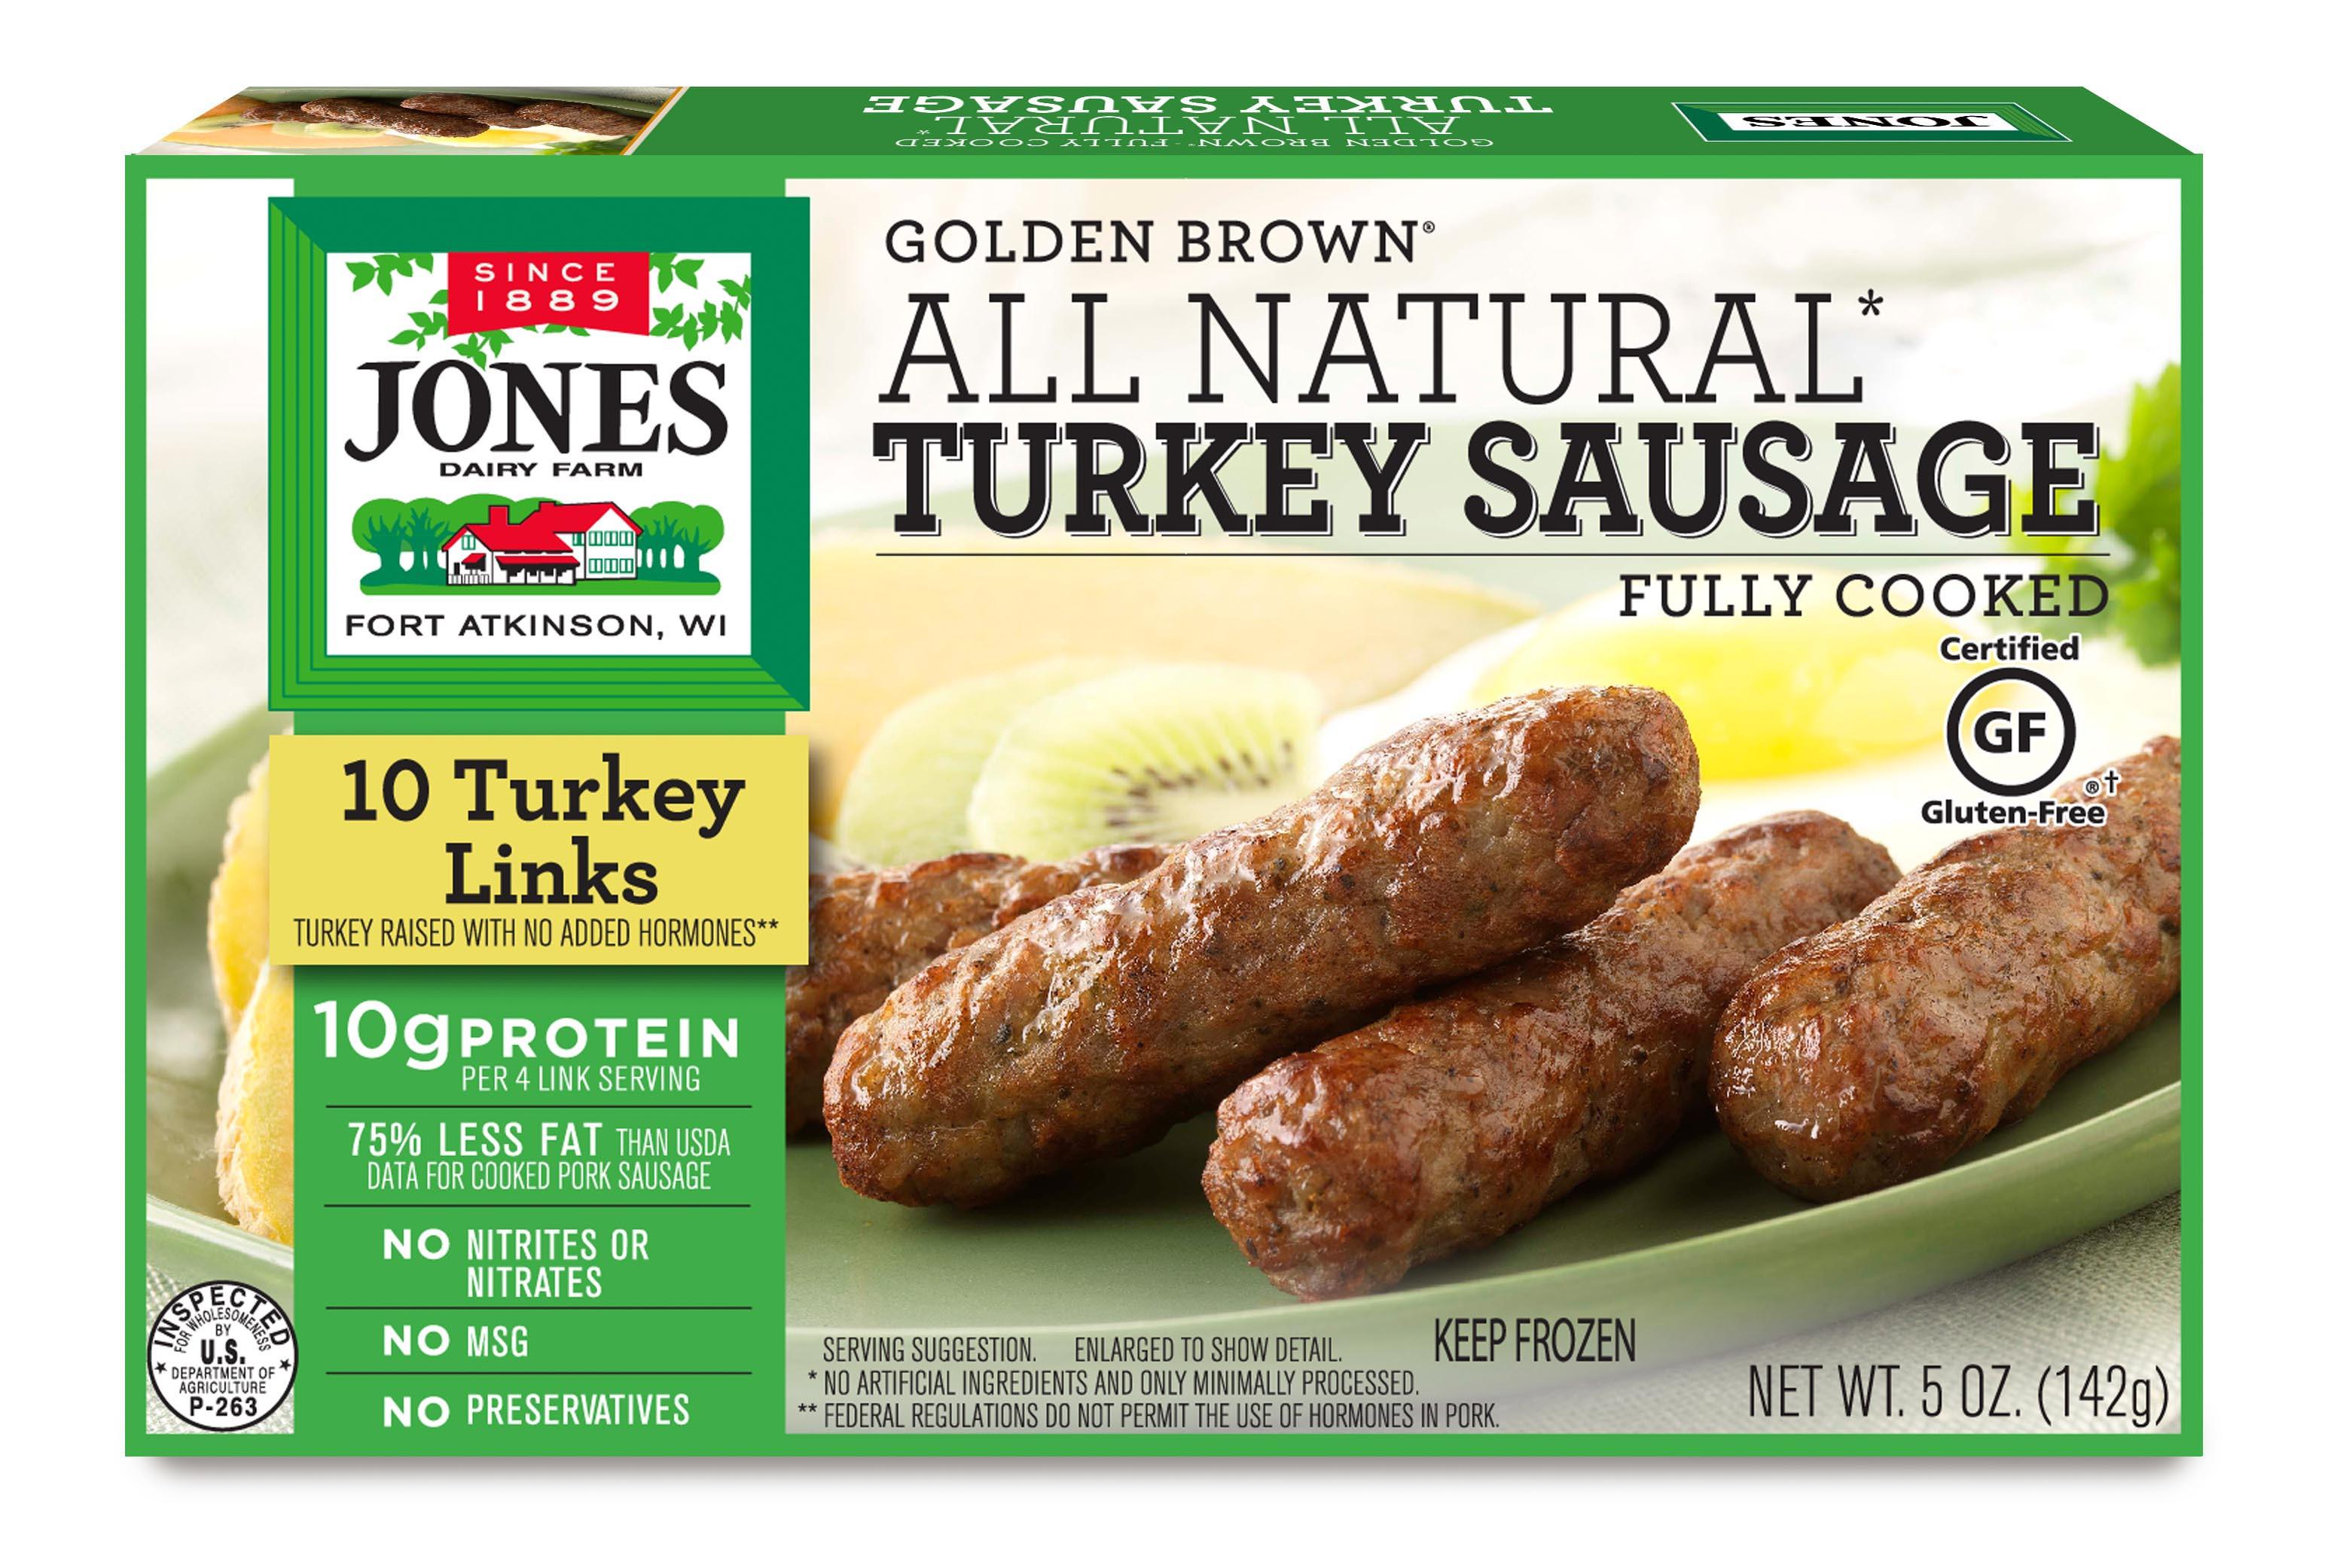 Turkey Sausage Calories  turkey sausage nutrition